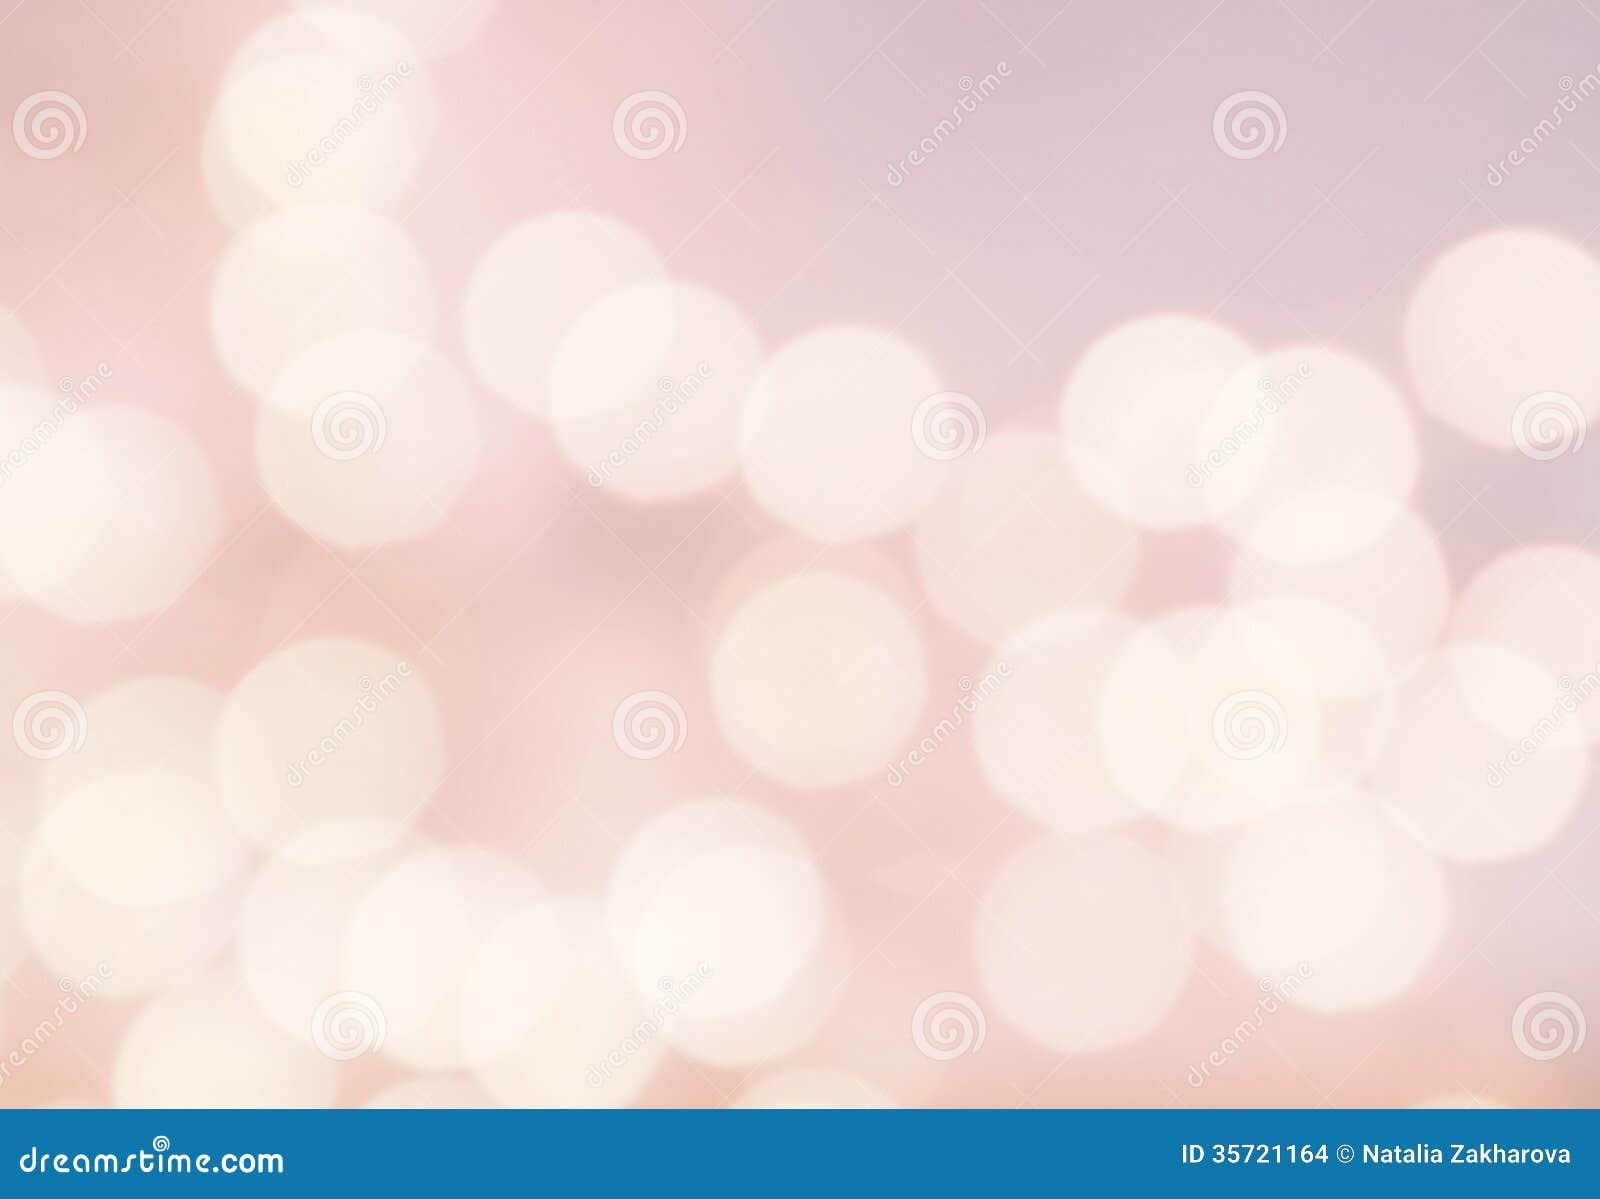 Предпосылка года сбора винограда света Bokeh. Яркий розовый цвет. Абстрактное natu